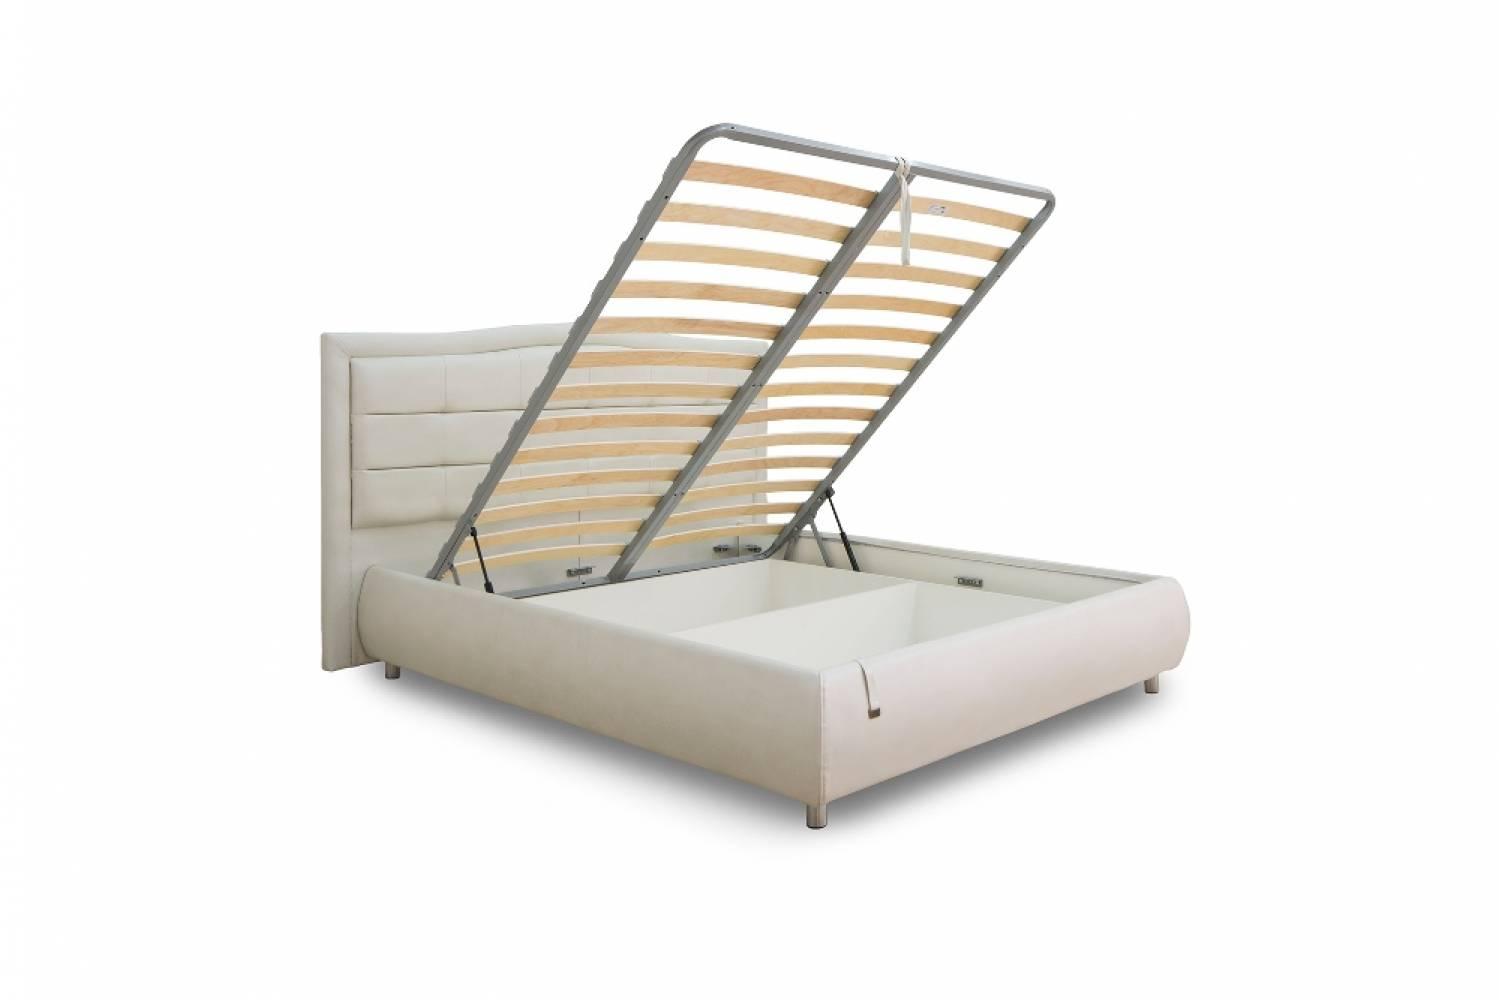 Ящик к кровати 1800 с подъемным механизмом КАРОЛИНА (Меркури милк)